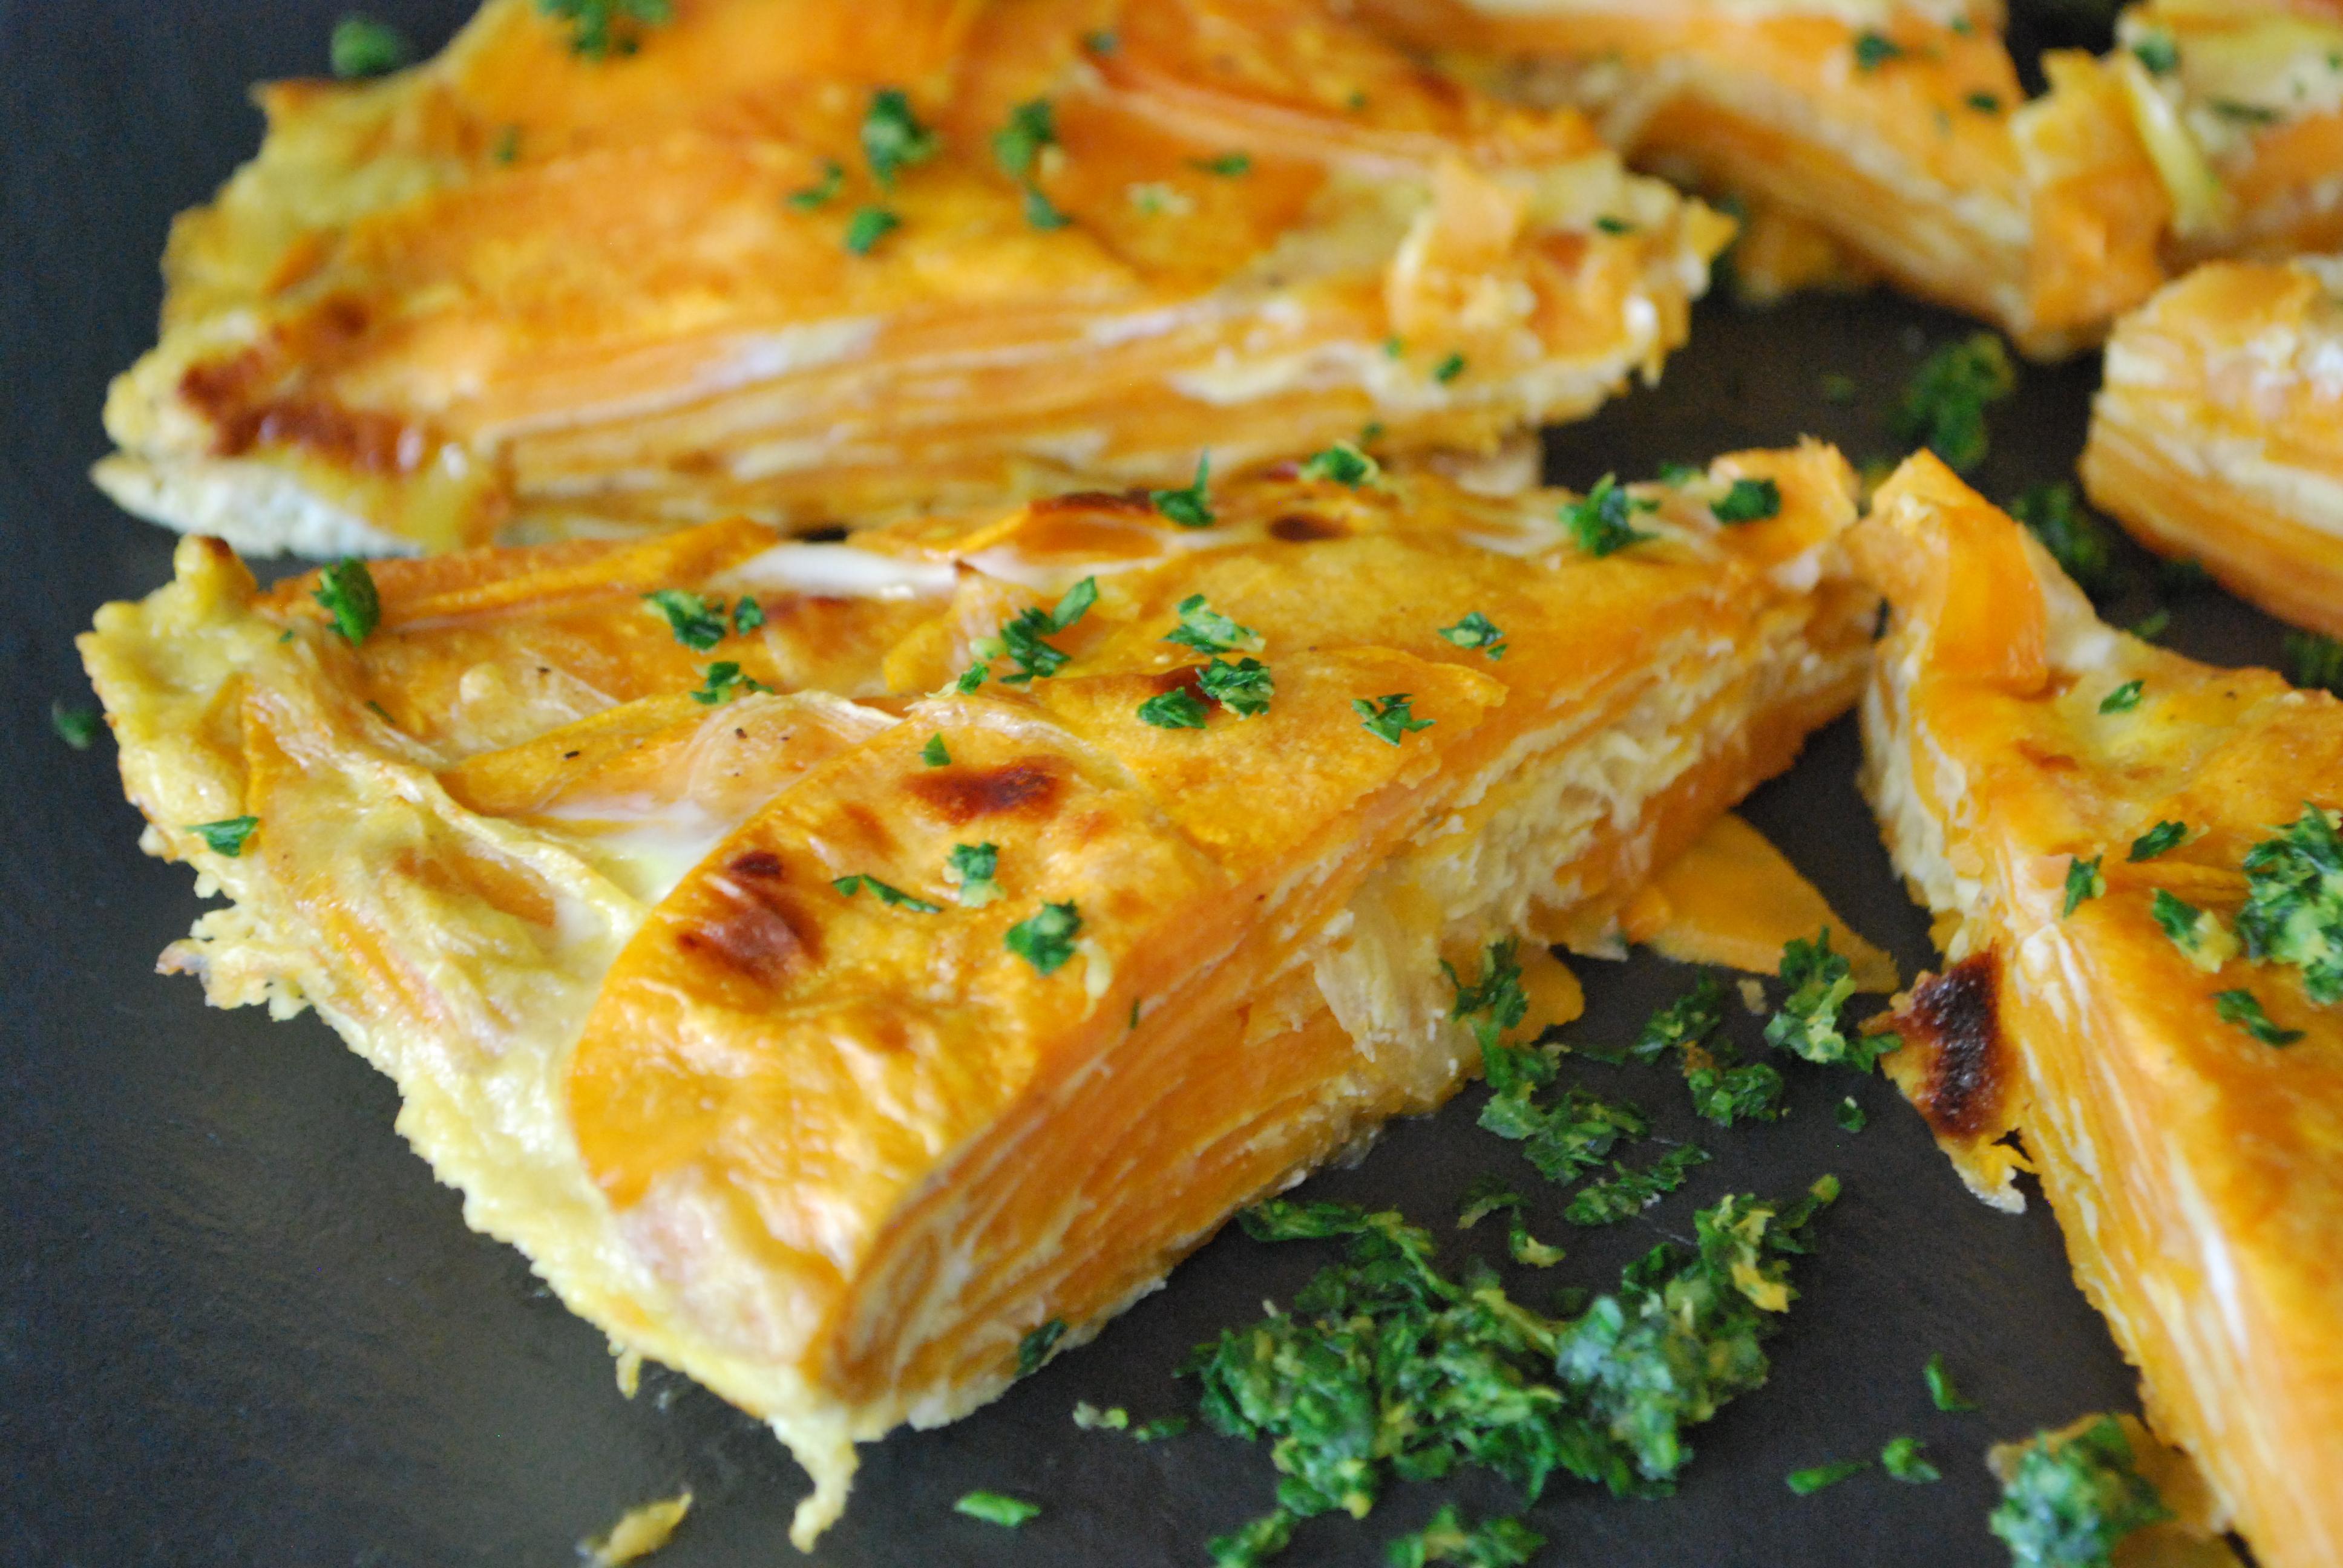 Tortilla Espanola with Gremolata and Saffron Aioli